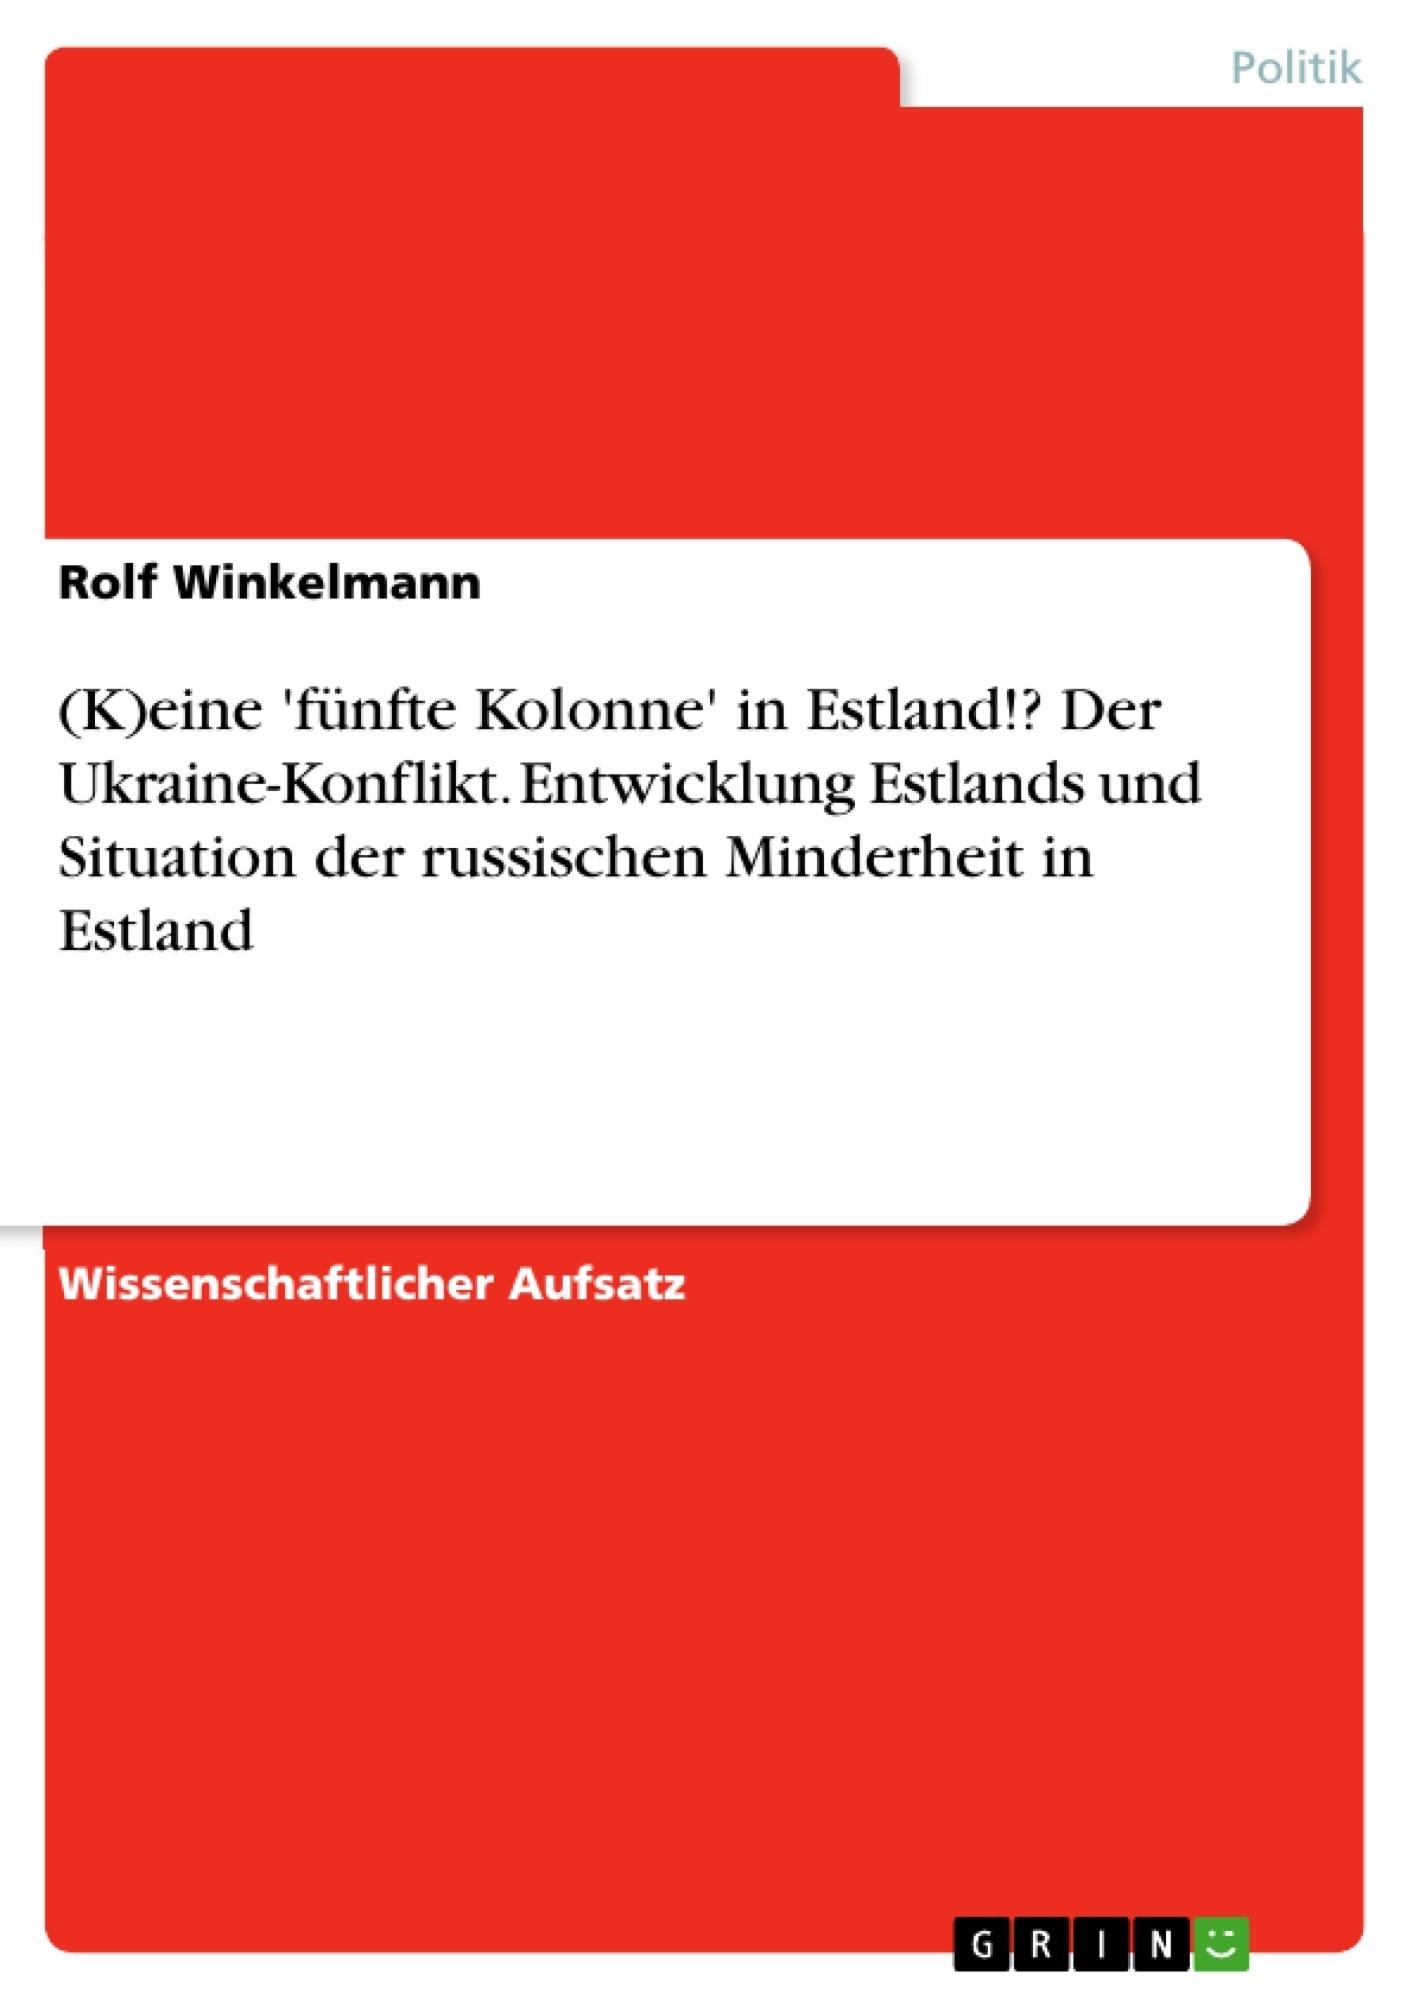 Titel: (K)eine 'fünfte Kolonne' in Estland!? Der Ukraine-Konflikt. Entwicklung Estlands und Situation der russischen Minderheit in Estland